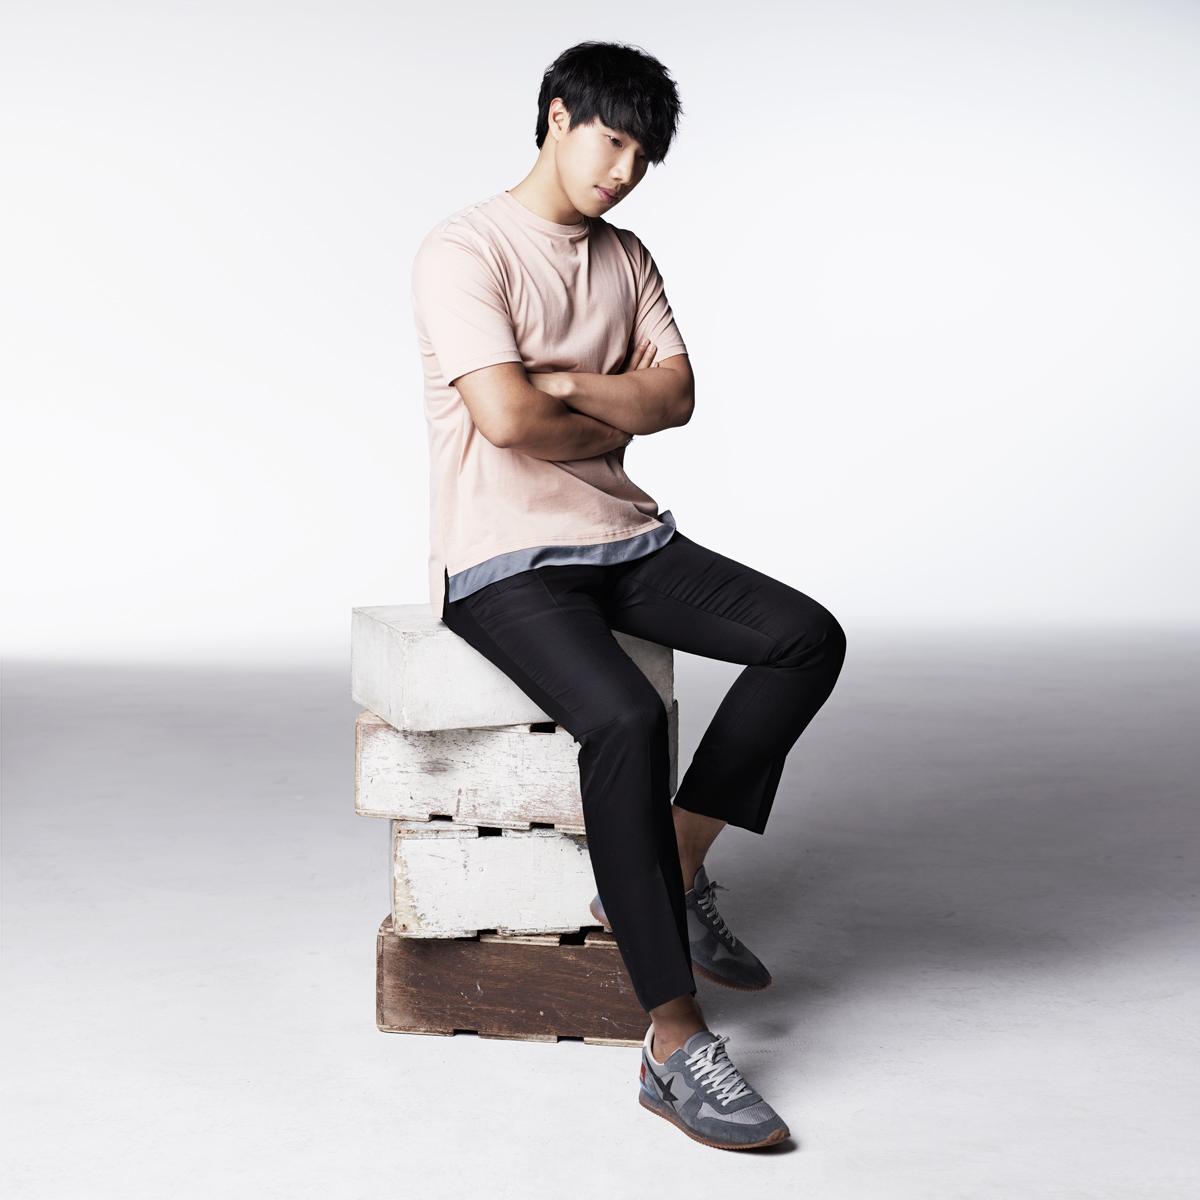 Kim Jin Ho